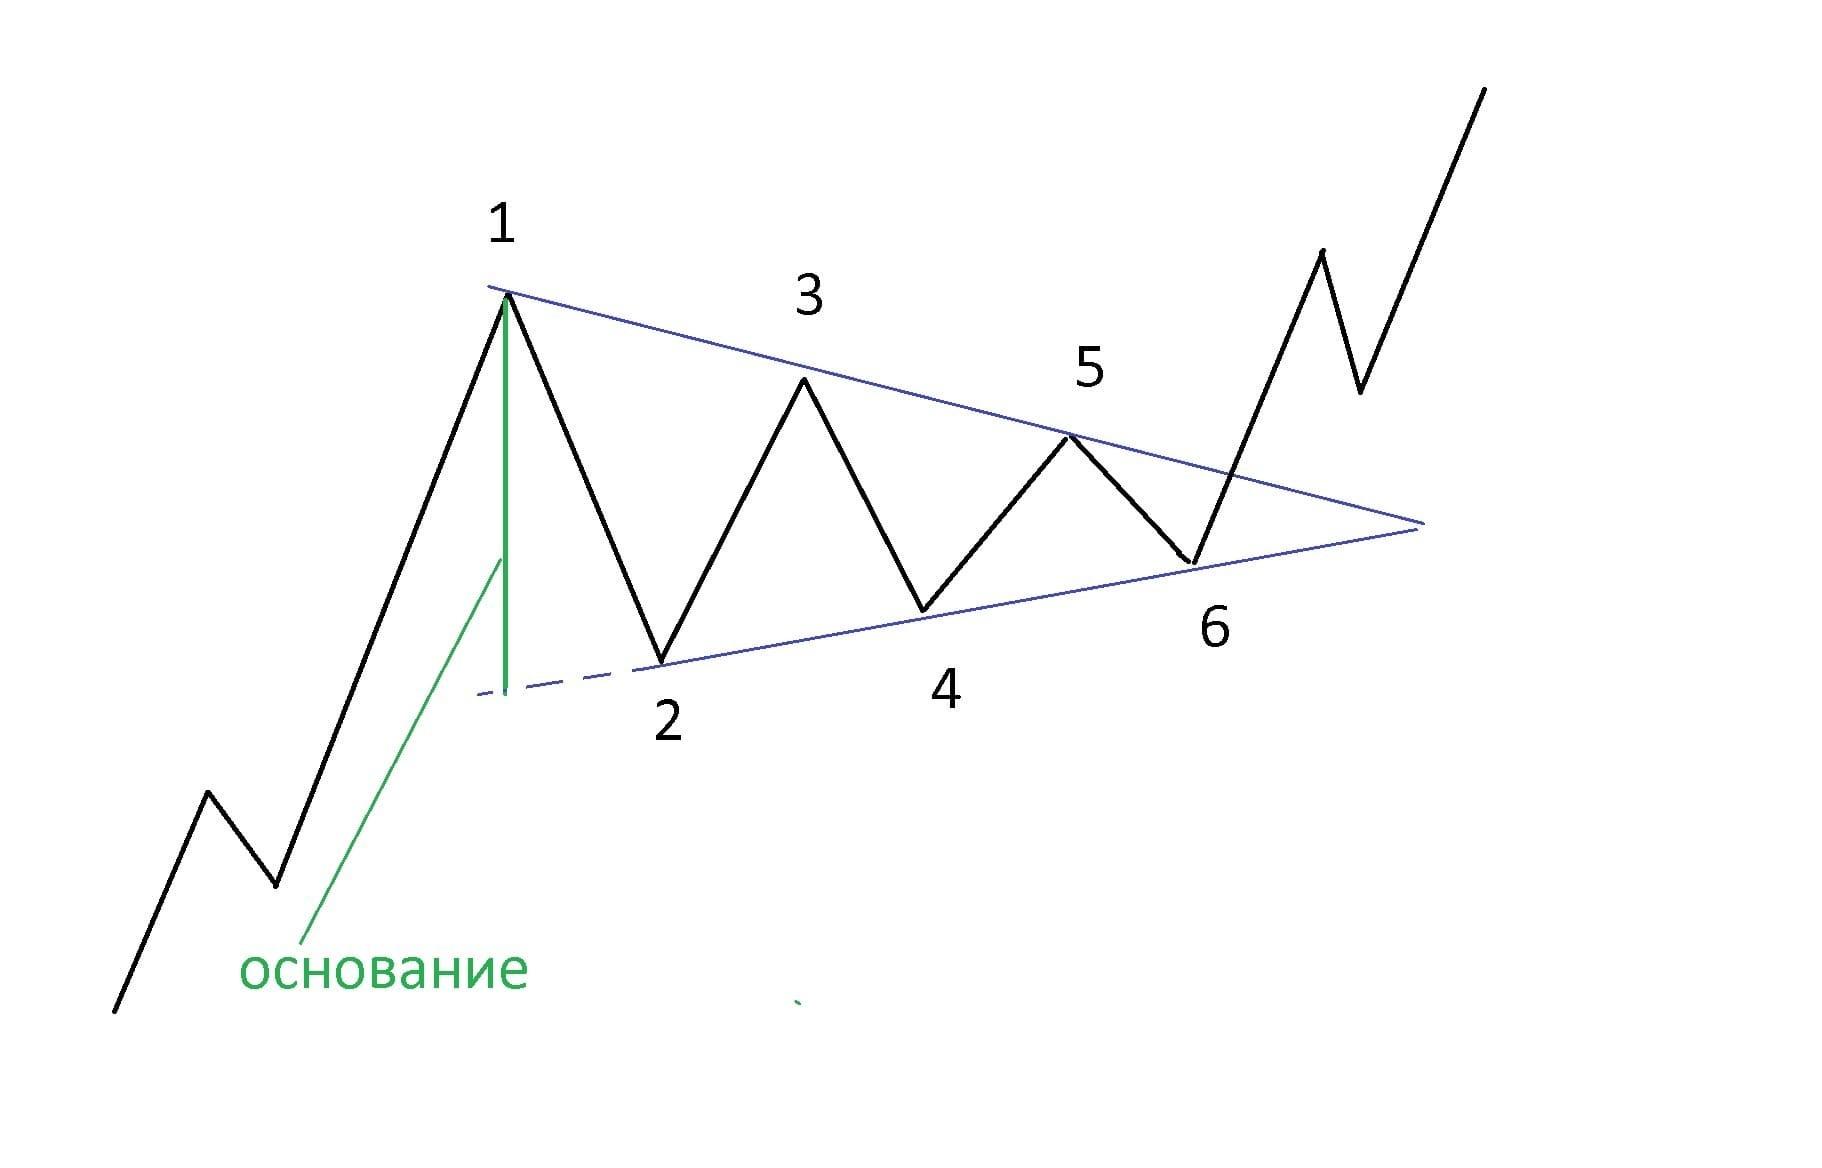 Graficheskie figury v trejdinge5 - Графические фигуры в трейдинге